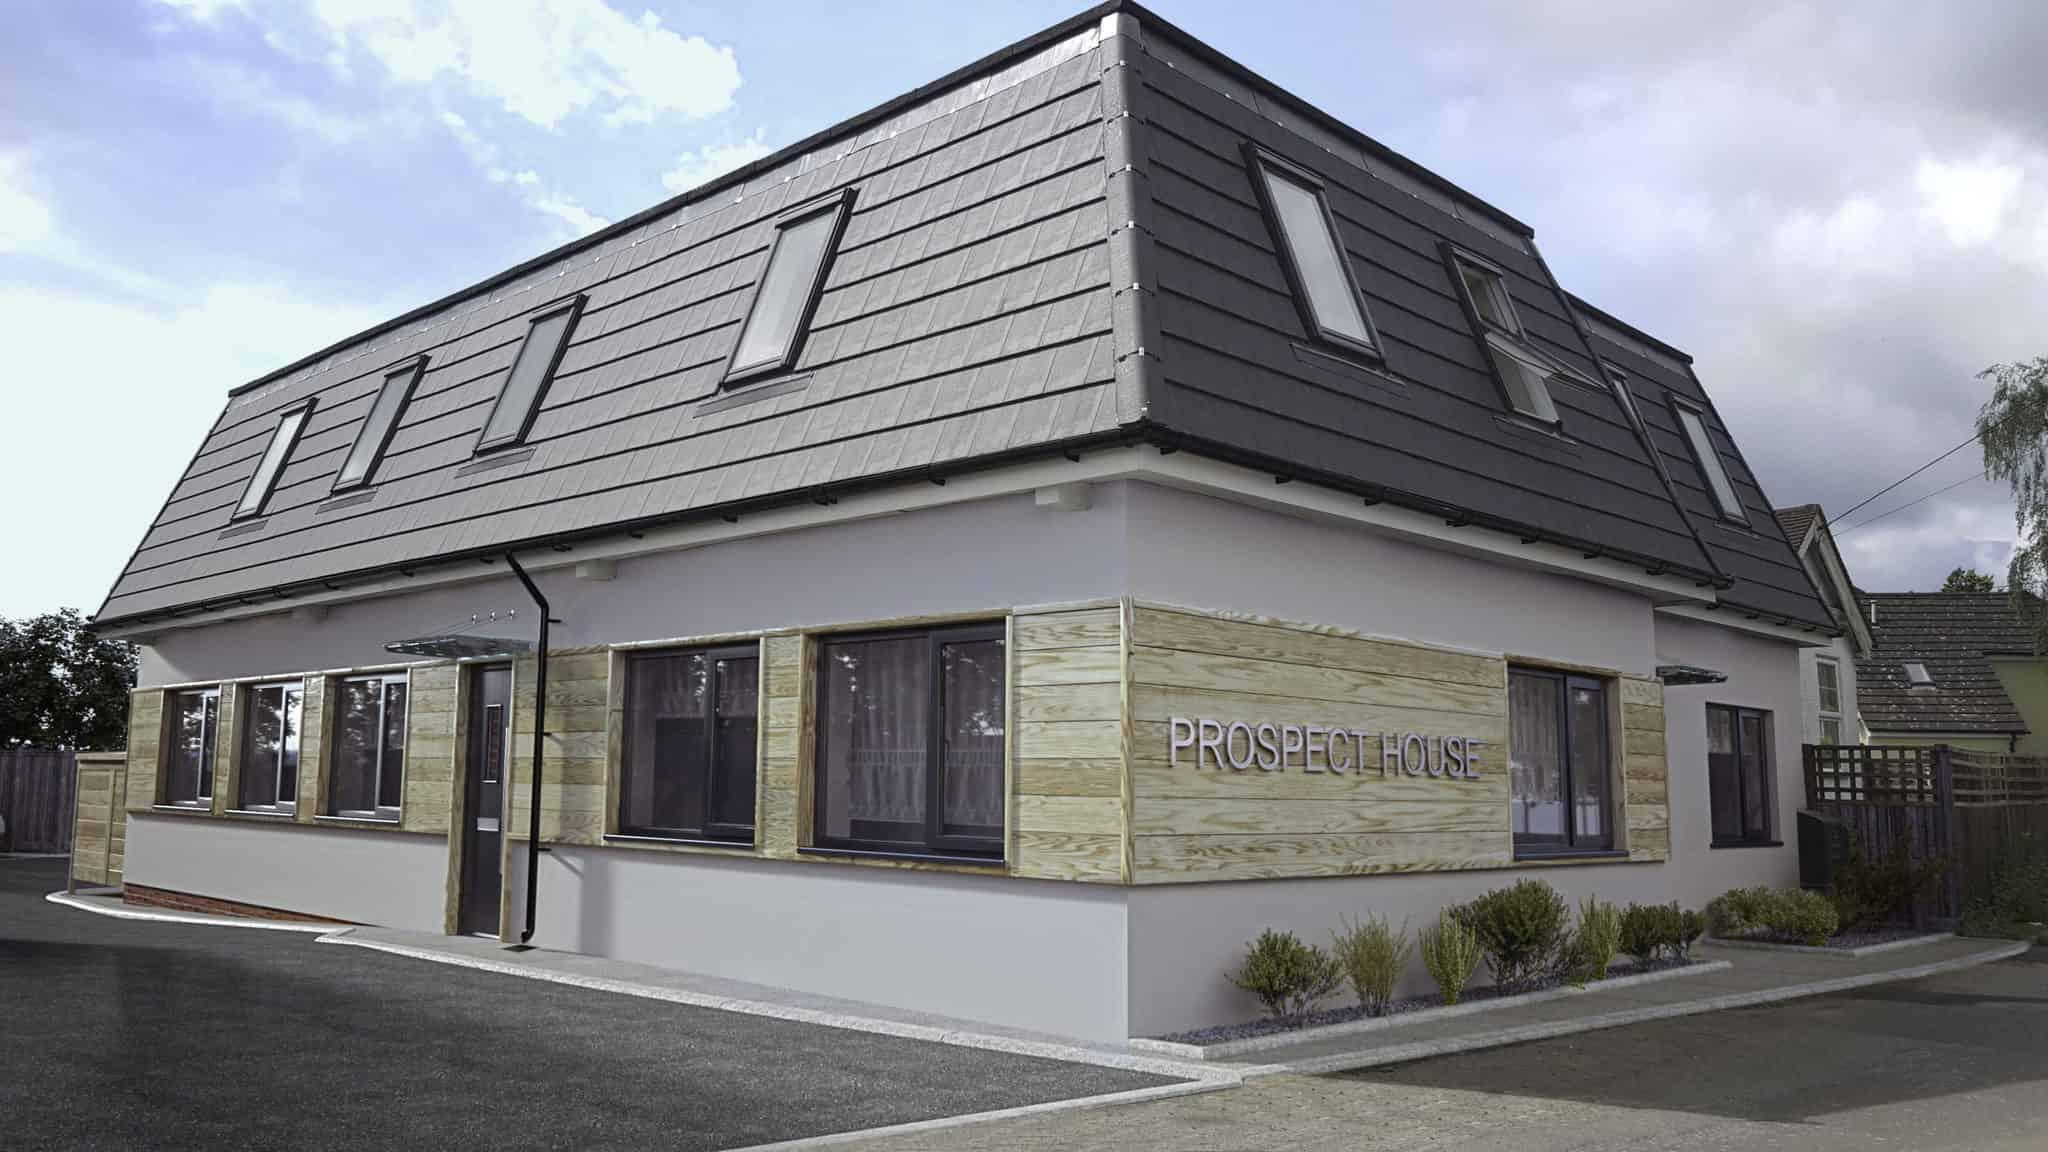 Prospect House Farnham: Ocea Commercial to Residential Property Development